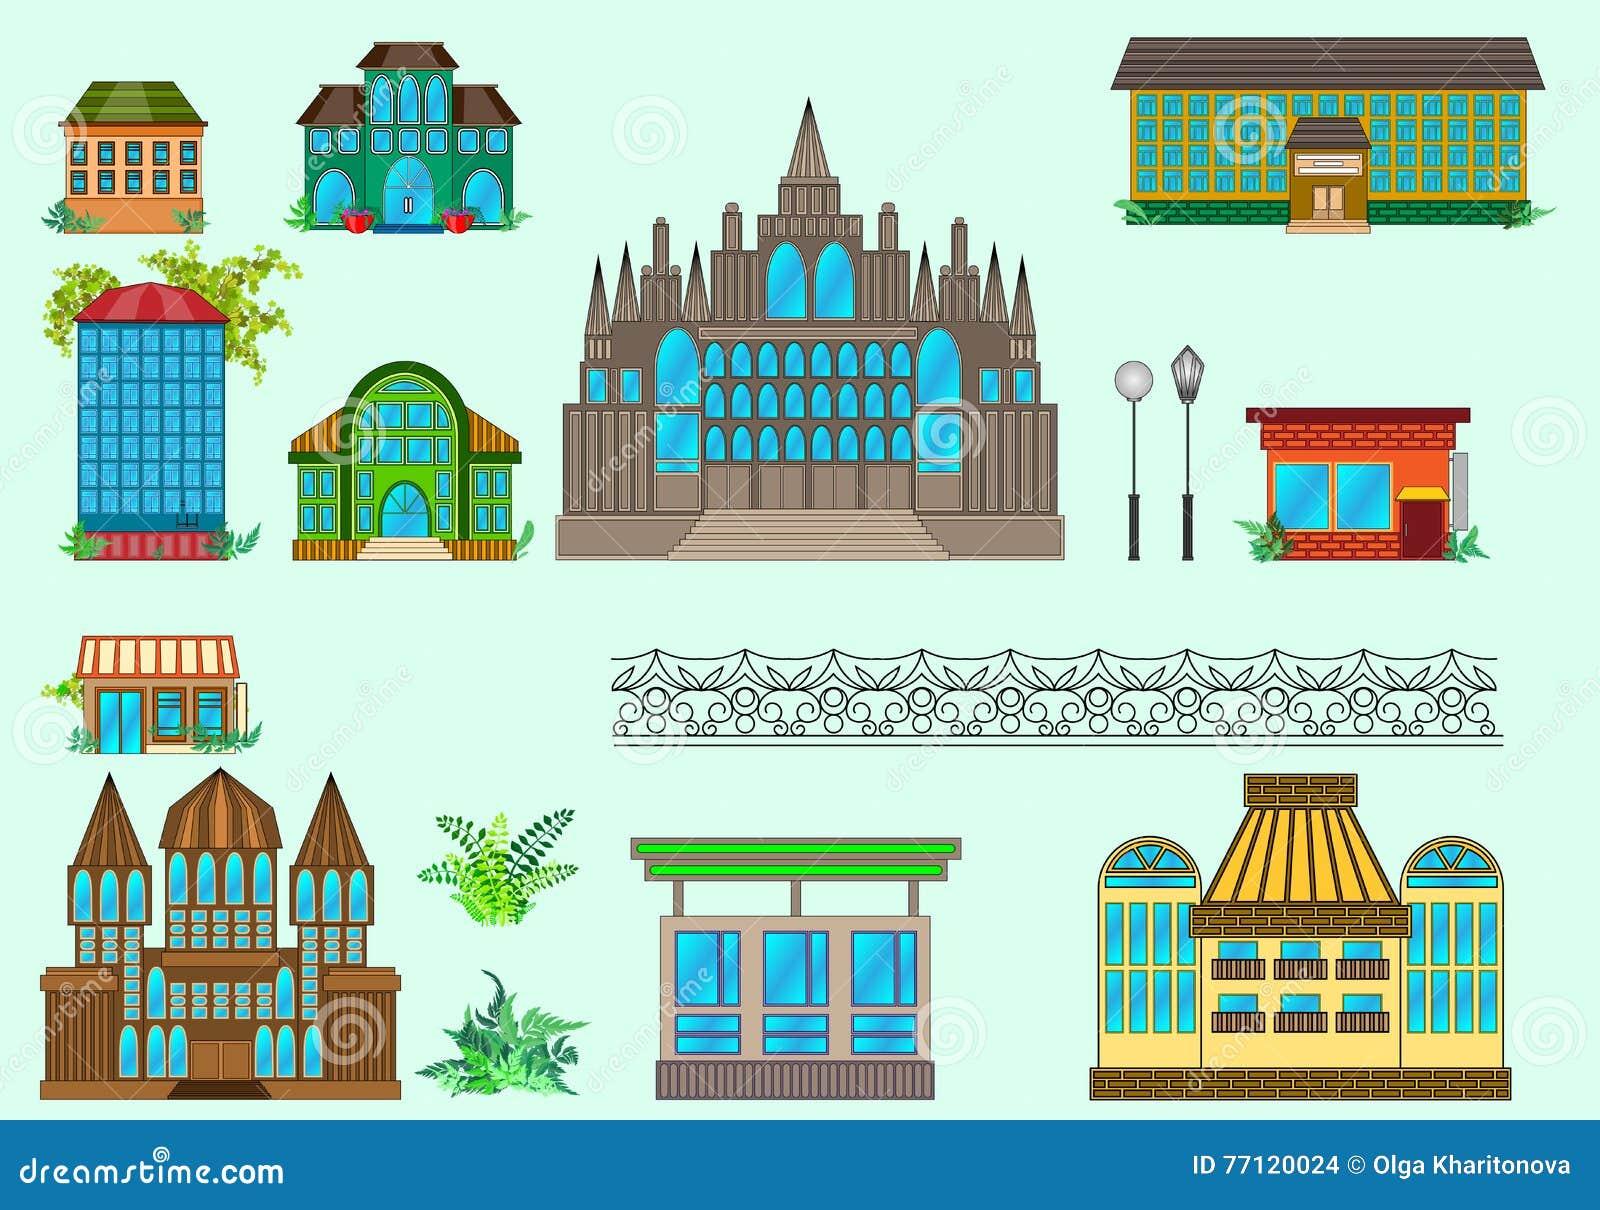 Διανυσματική απεικόνιση σπιτιών